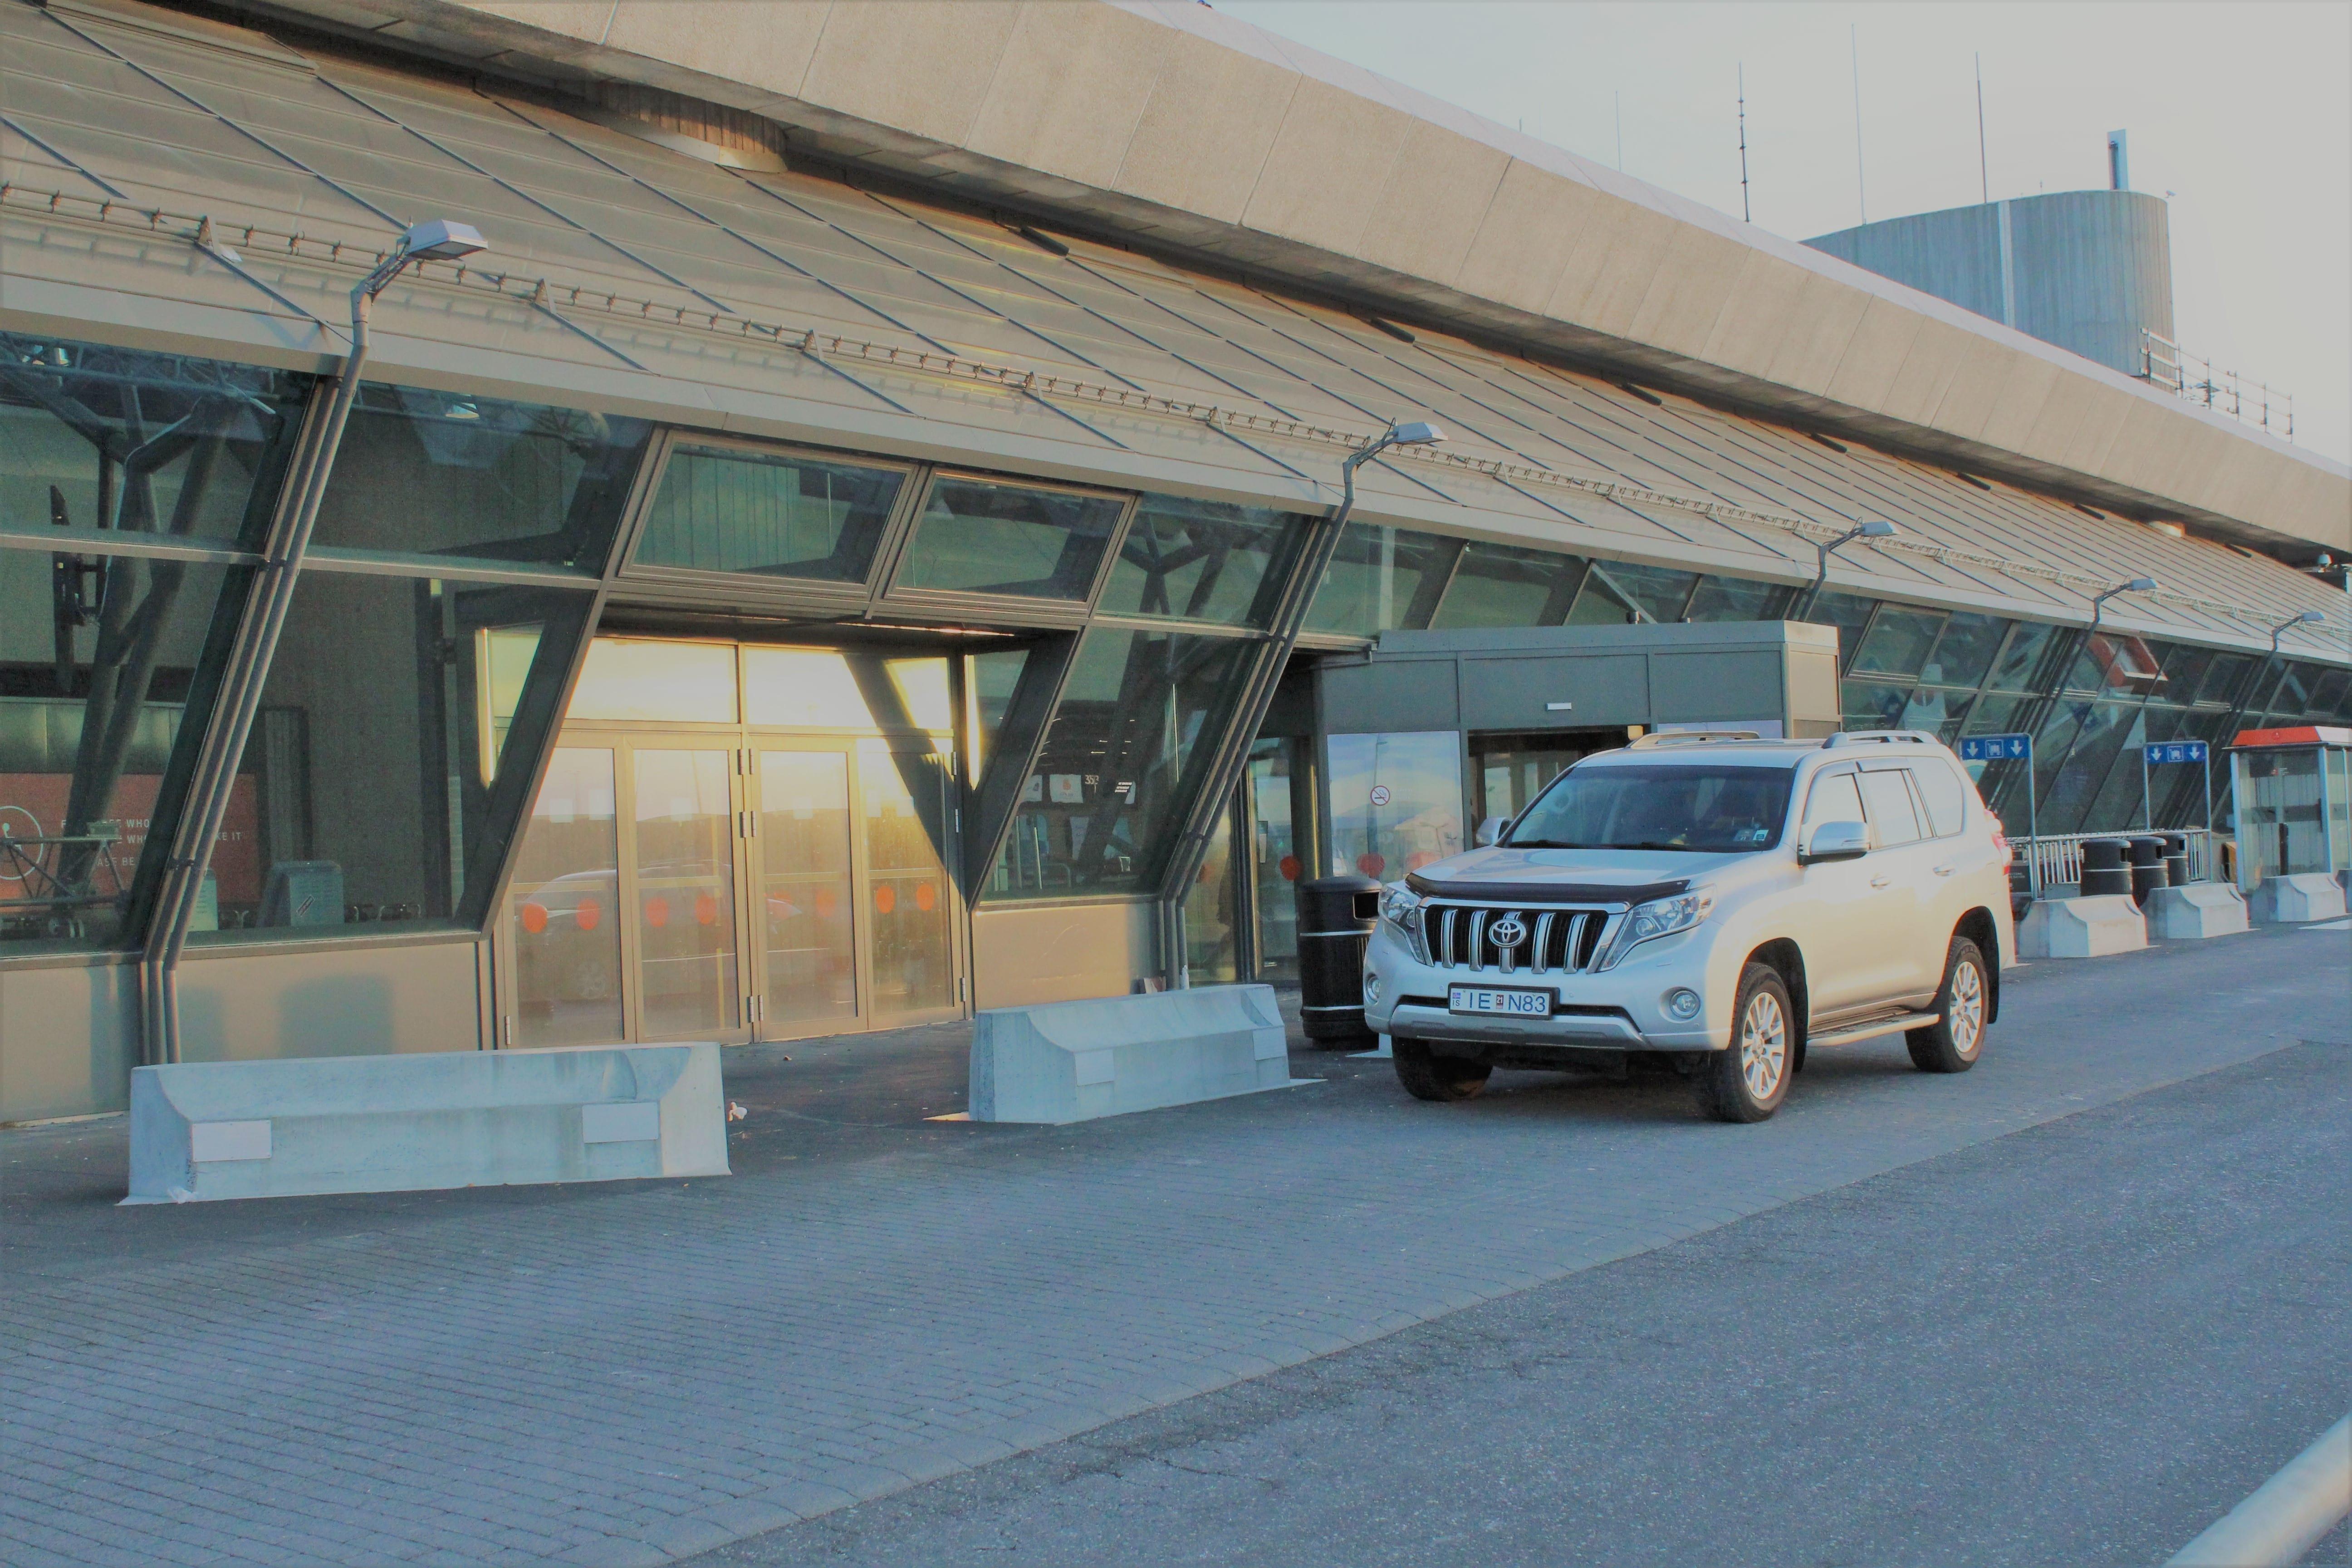 KEF international airport